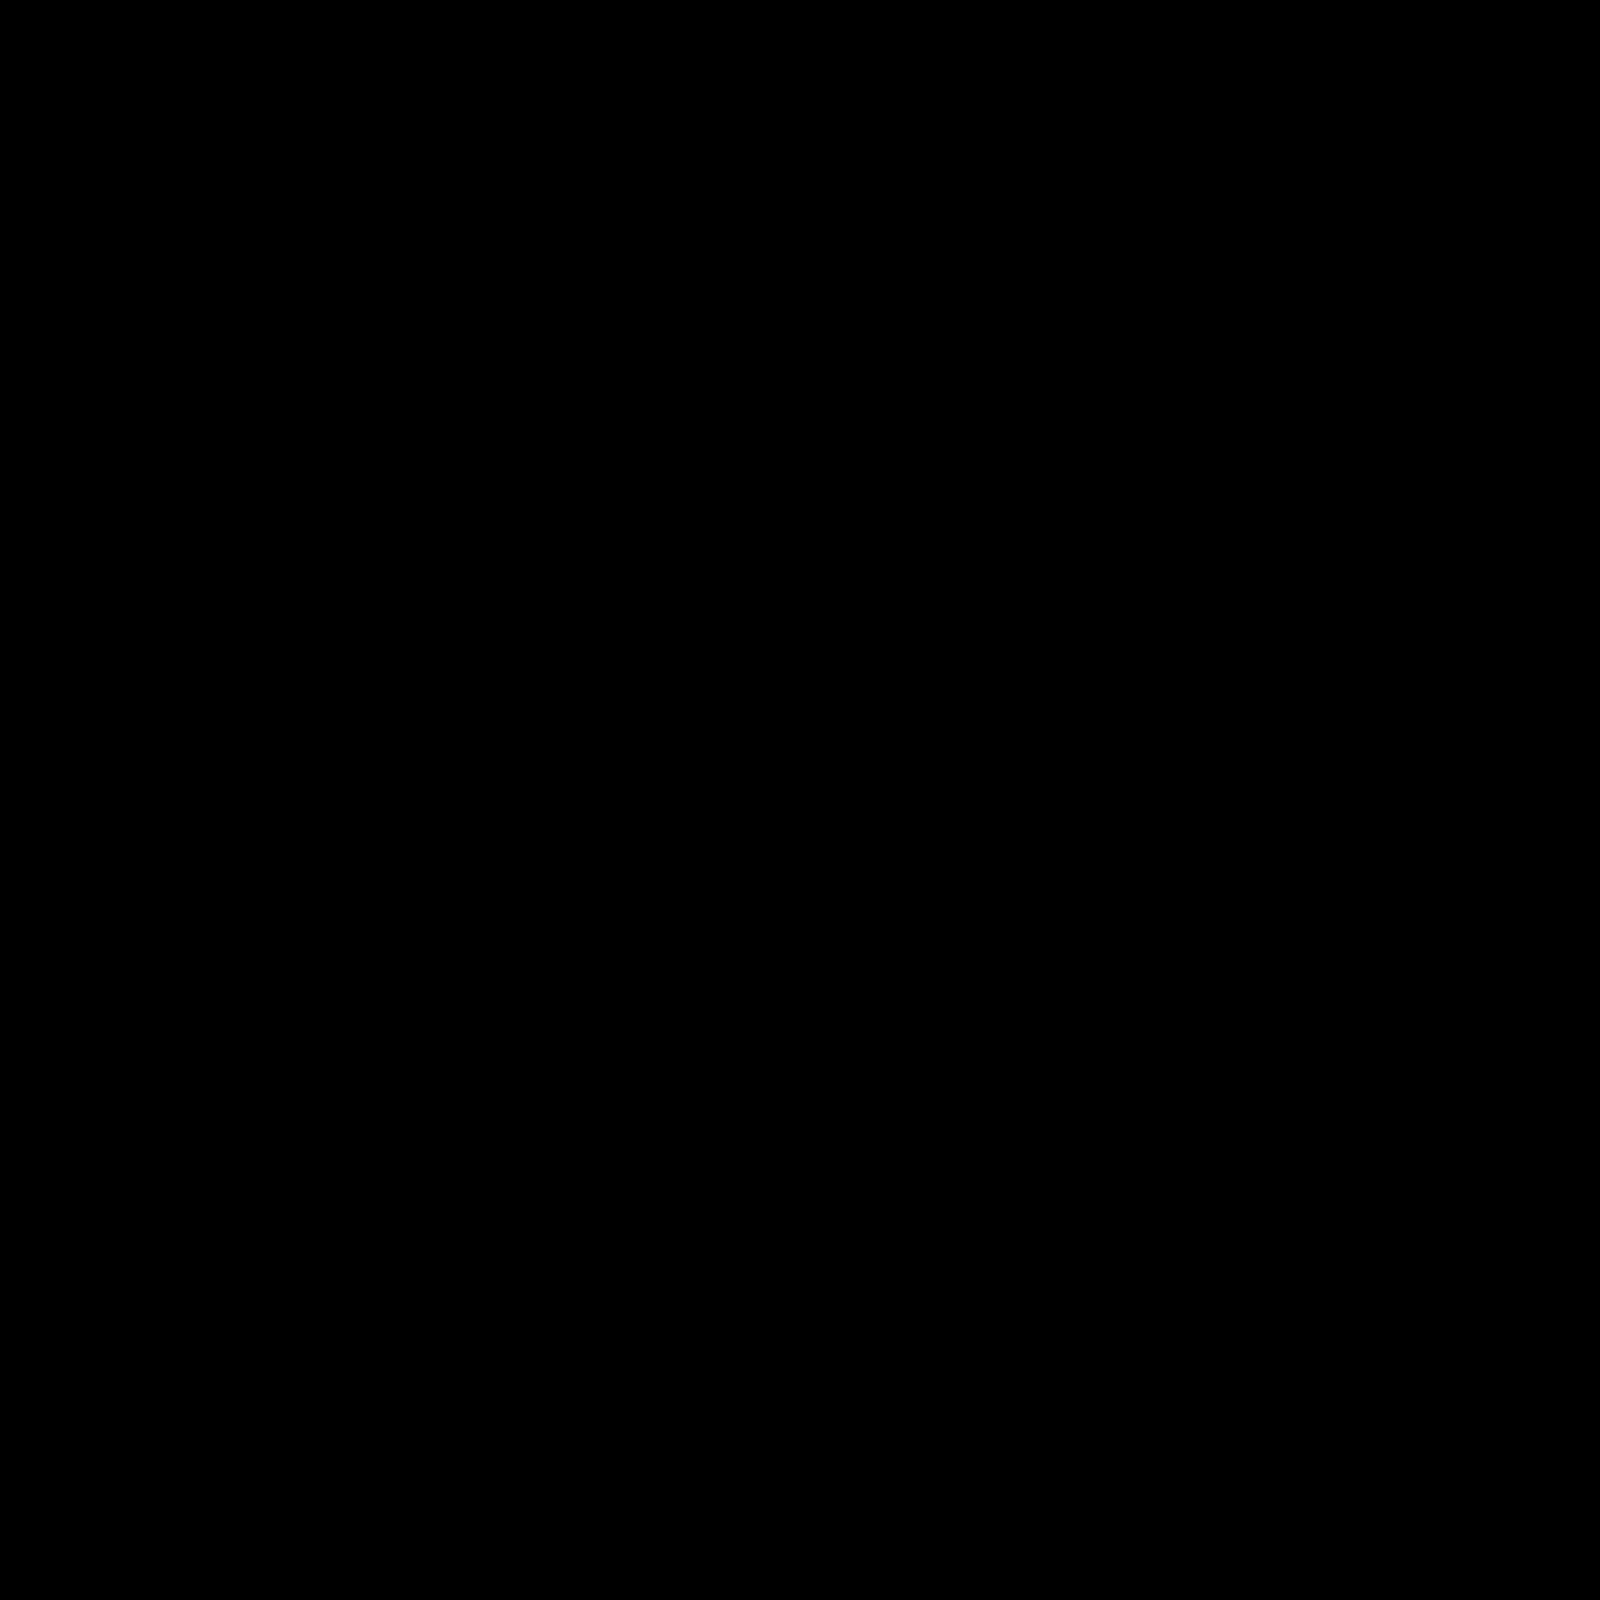 IOS Themes icon